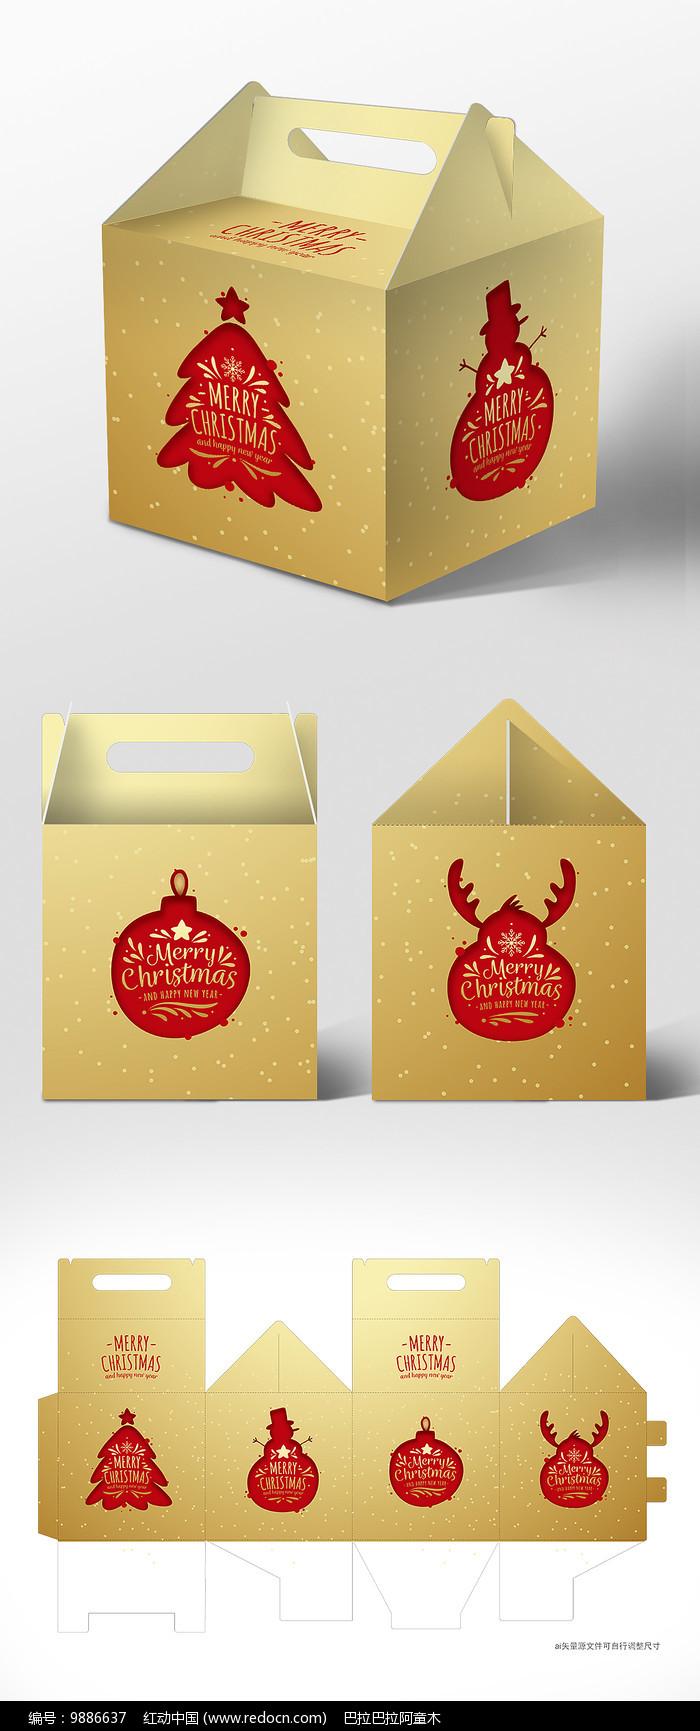 简约高档新年圣诞节包装礼盒图片